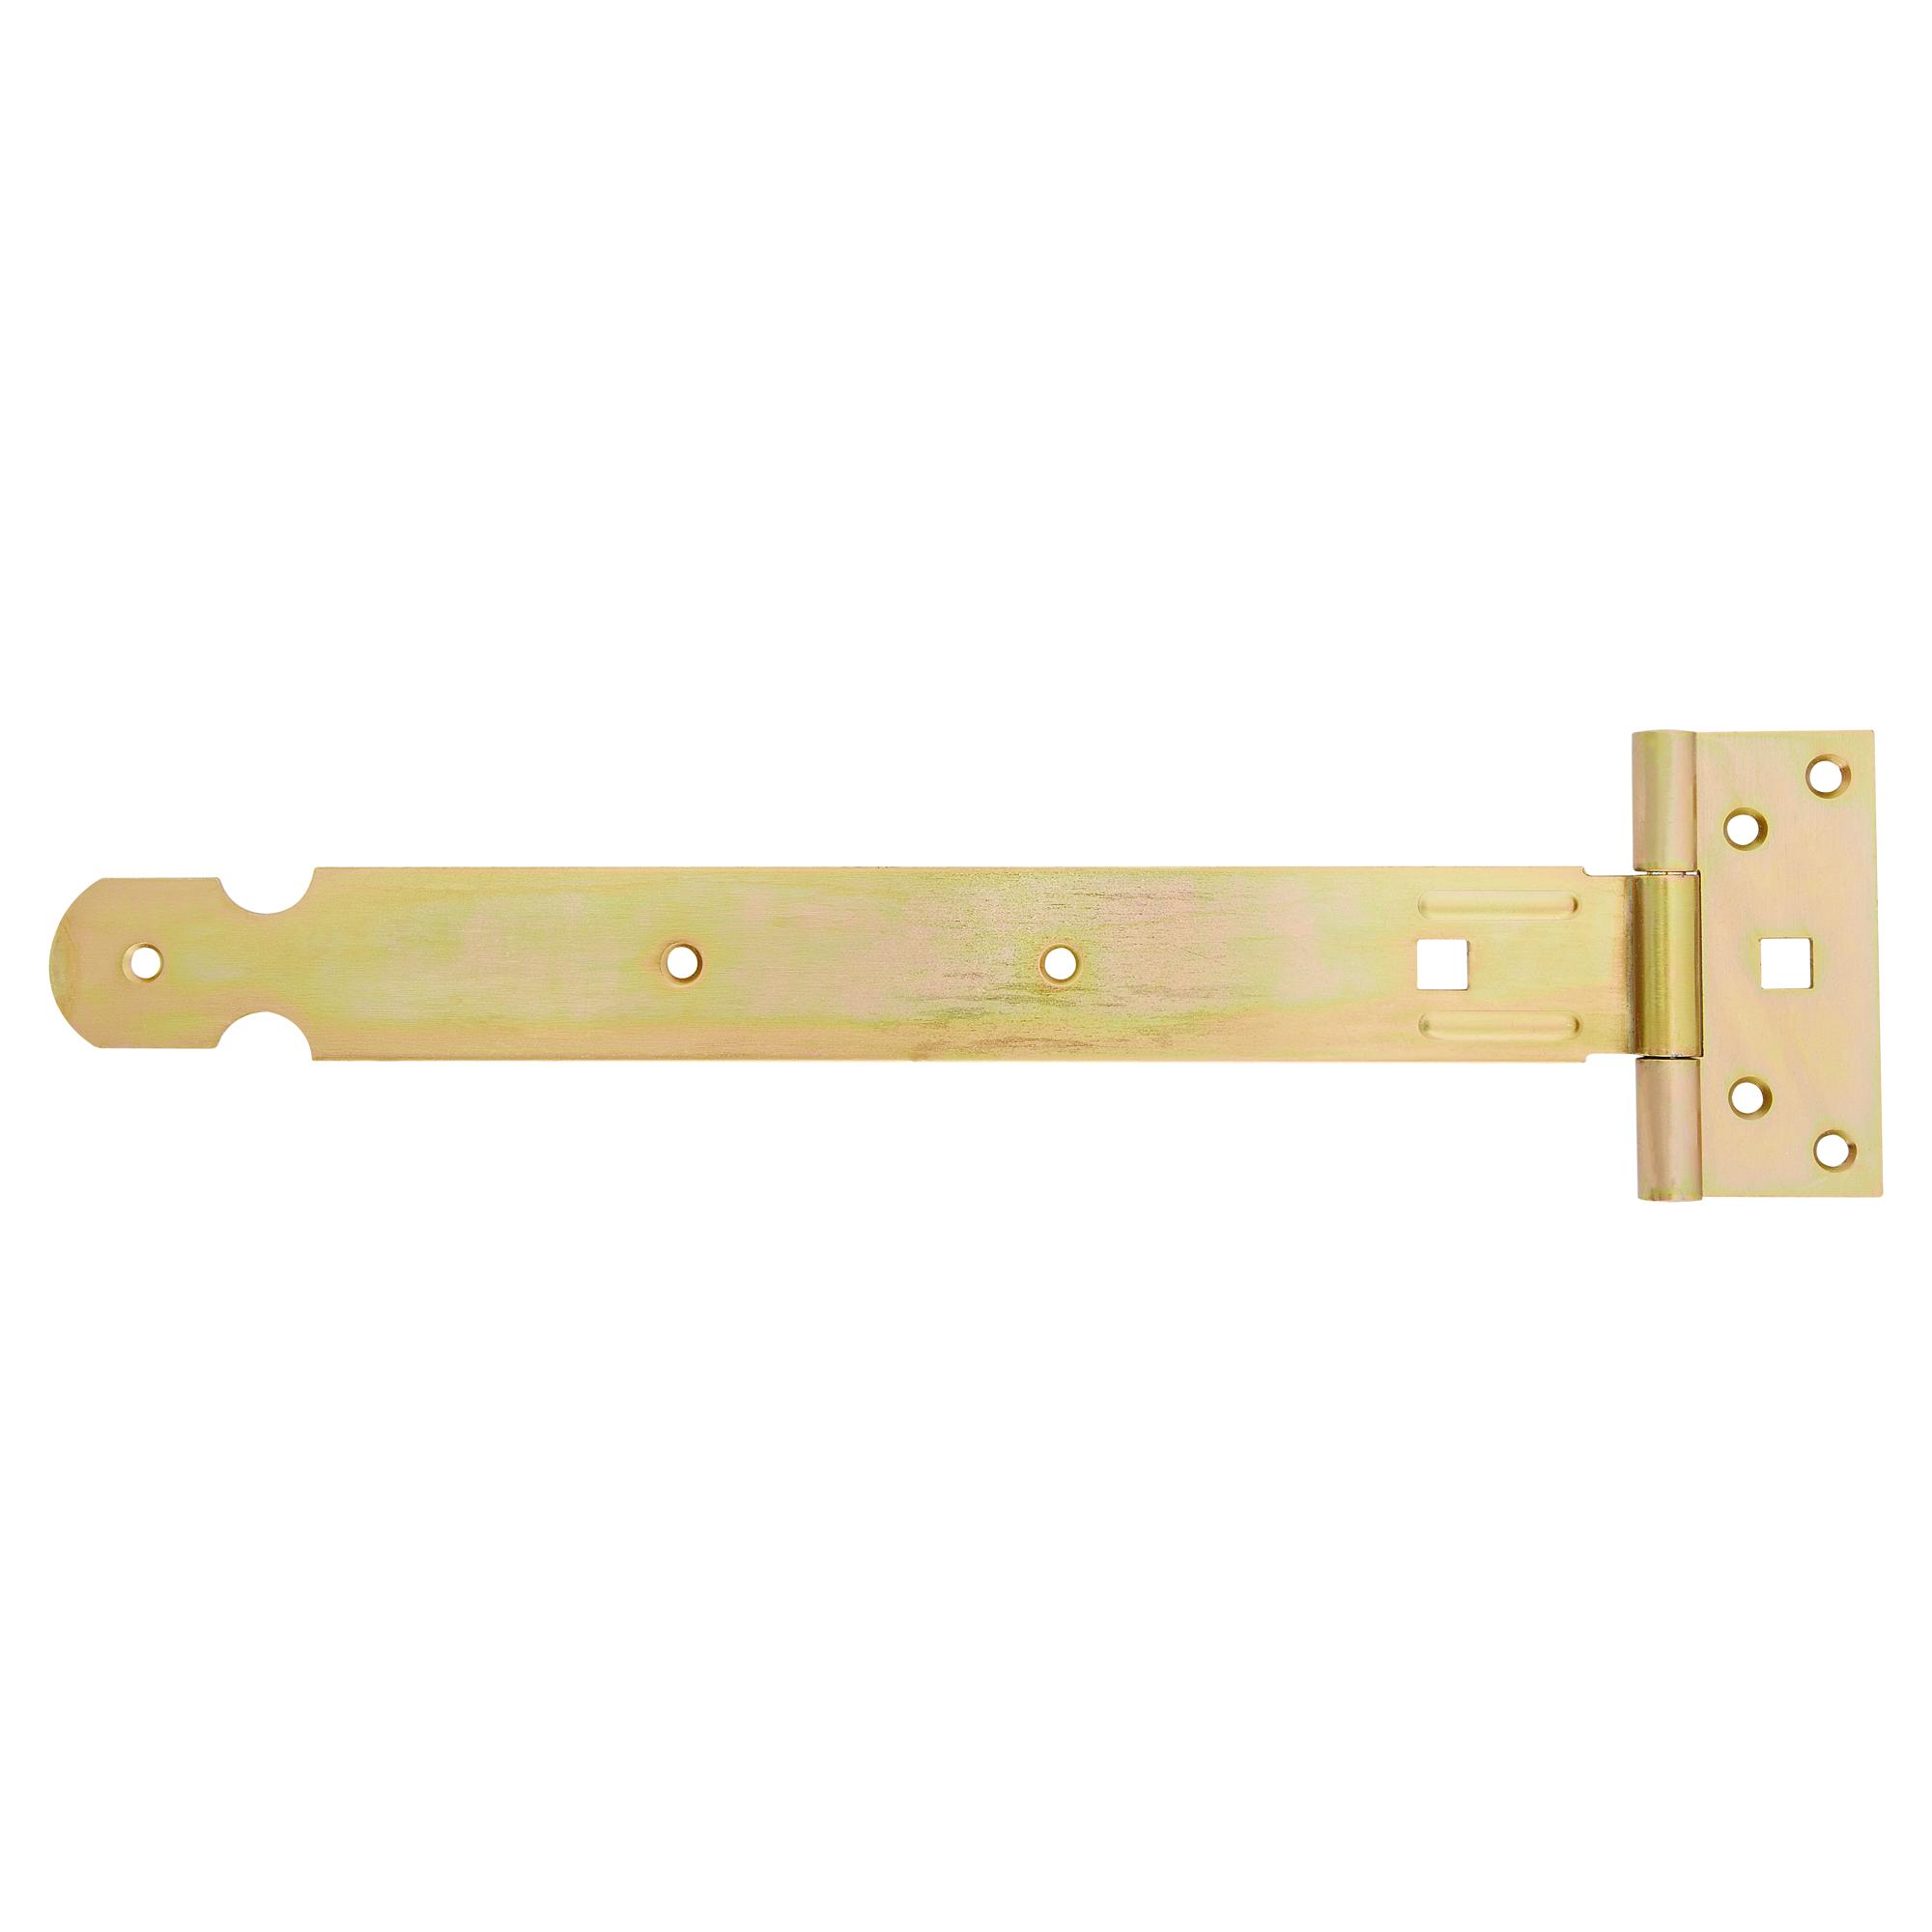 kreuzgehänge edelstahl gelb verzinkt, 300 x 36 x 47 x 2 mm ǀ toom